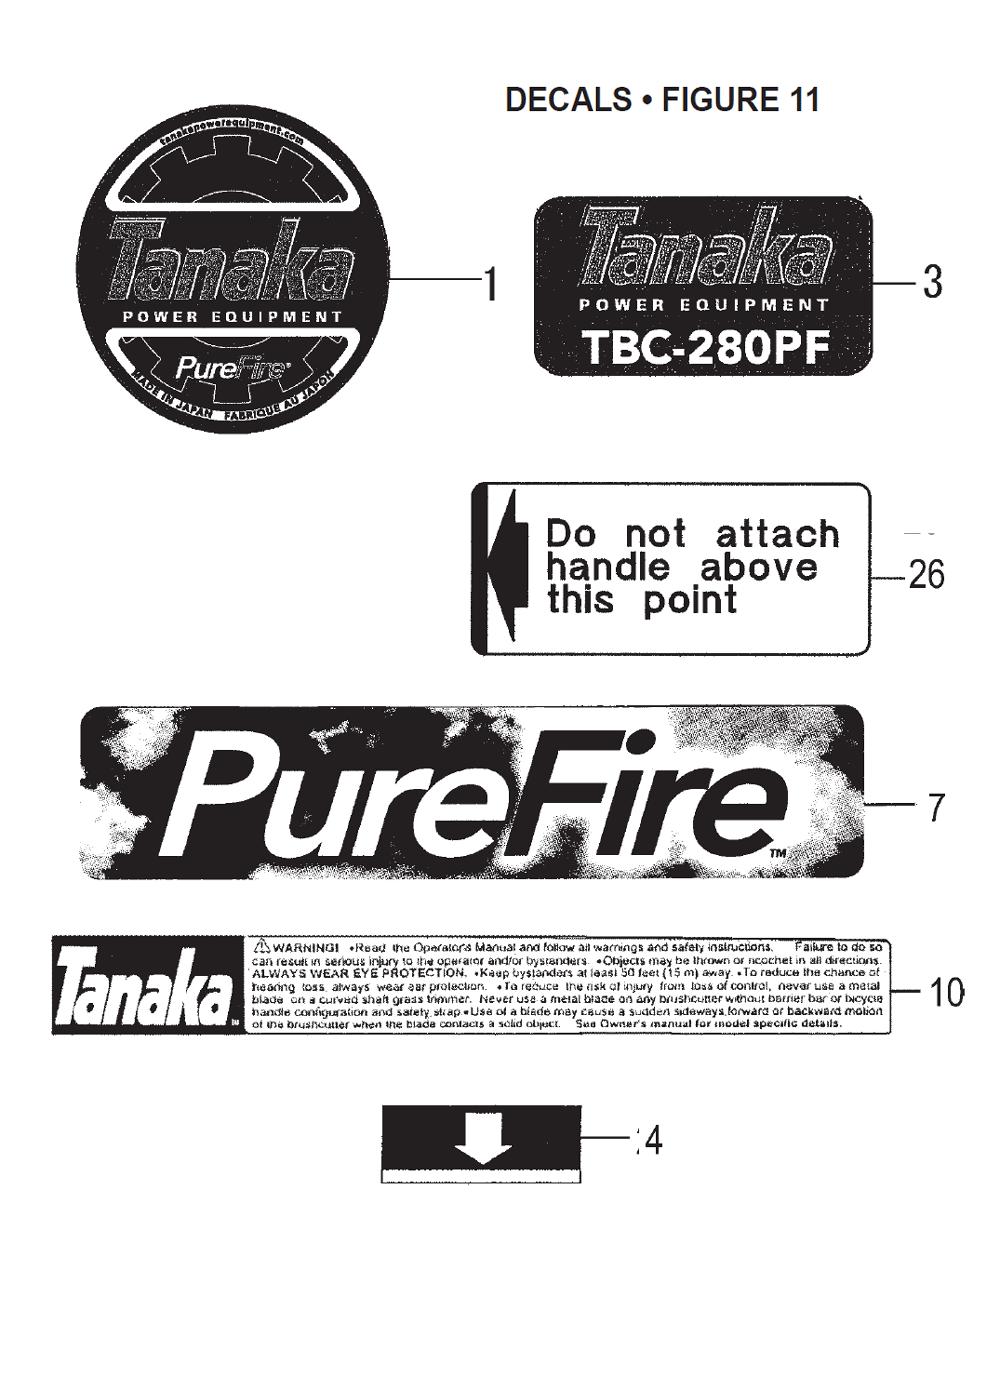 TBC-280PF-Tanaka-PB-10Break Down